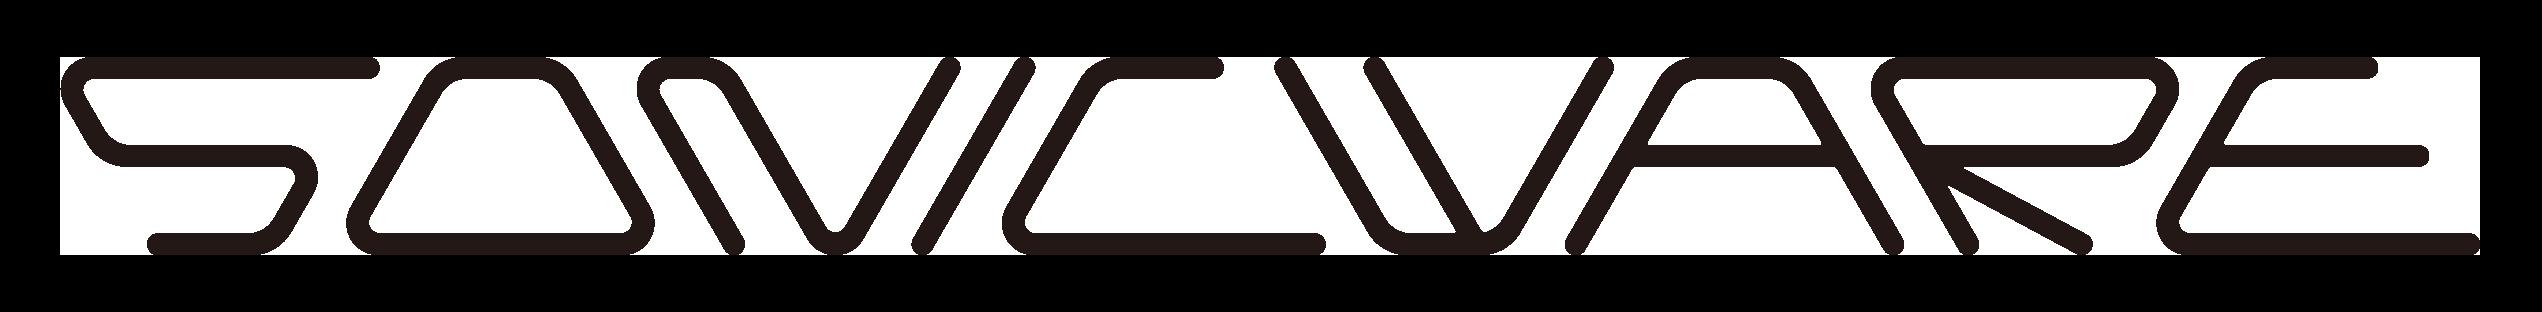 Sonicware logo black